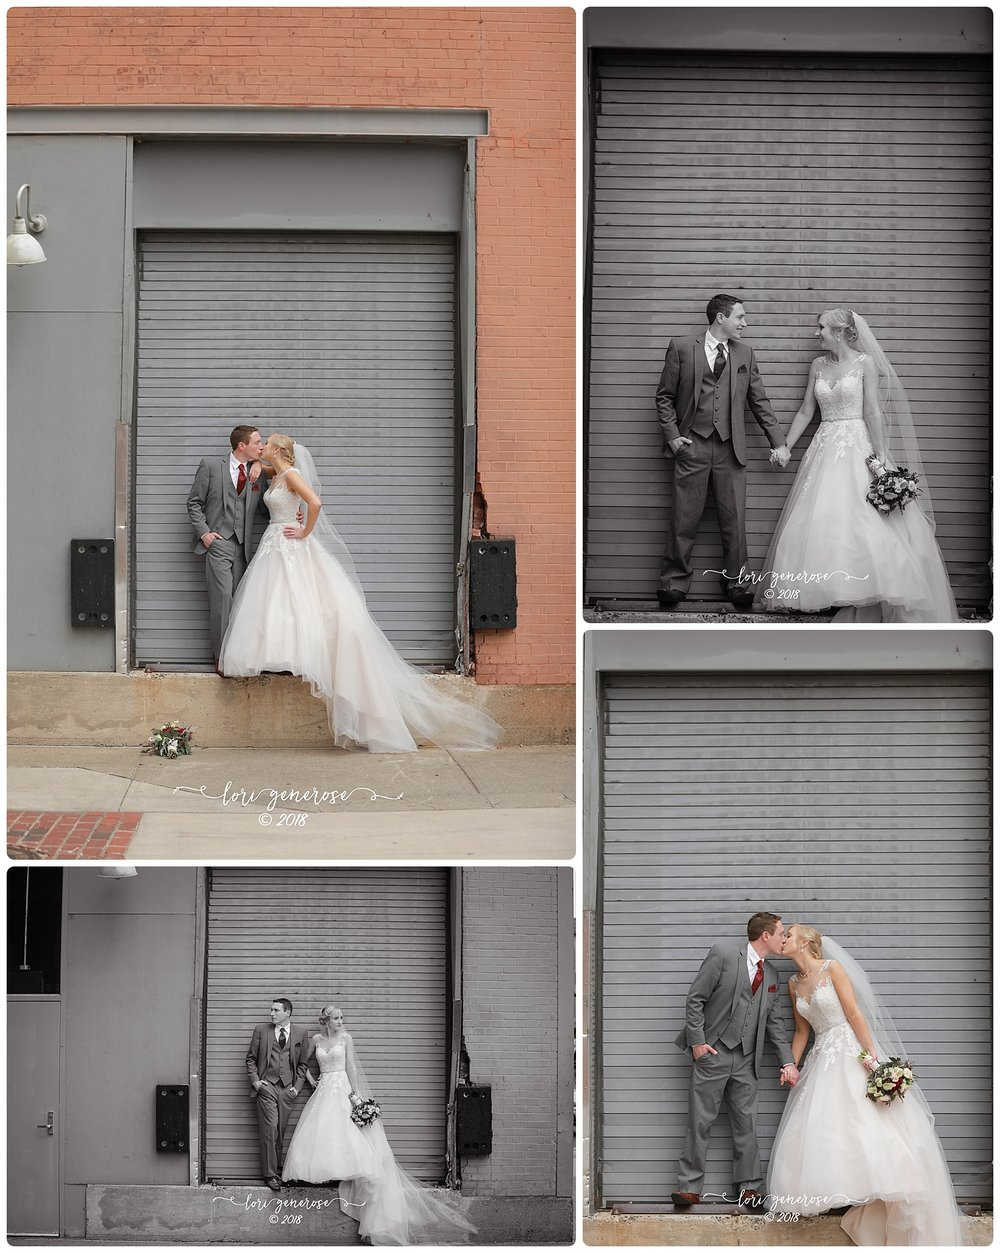 lgphotographylorigenerosetheinnatpoconomanorpaweddingvenuebridegroomindustrialgaragedoors.jpg